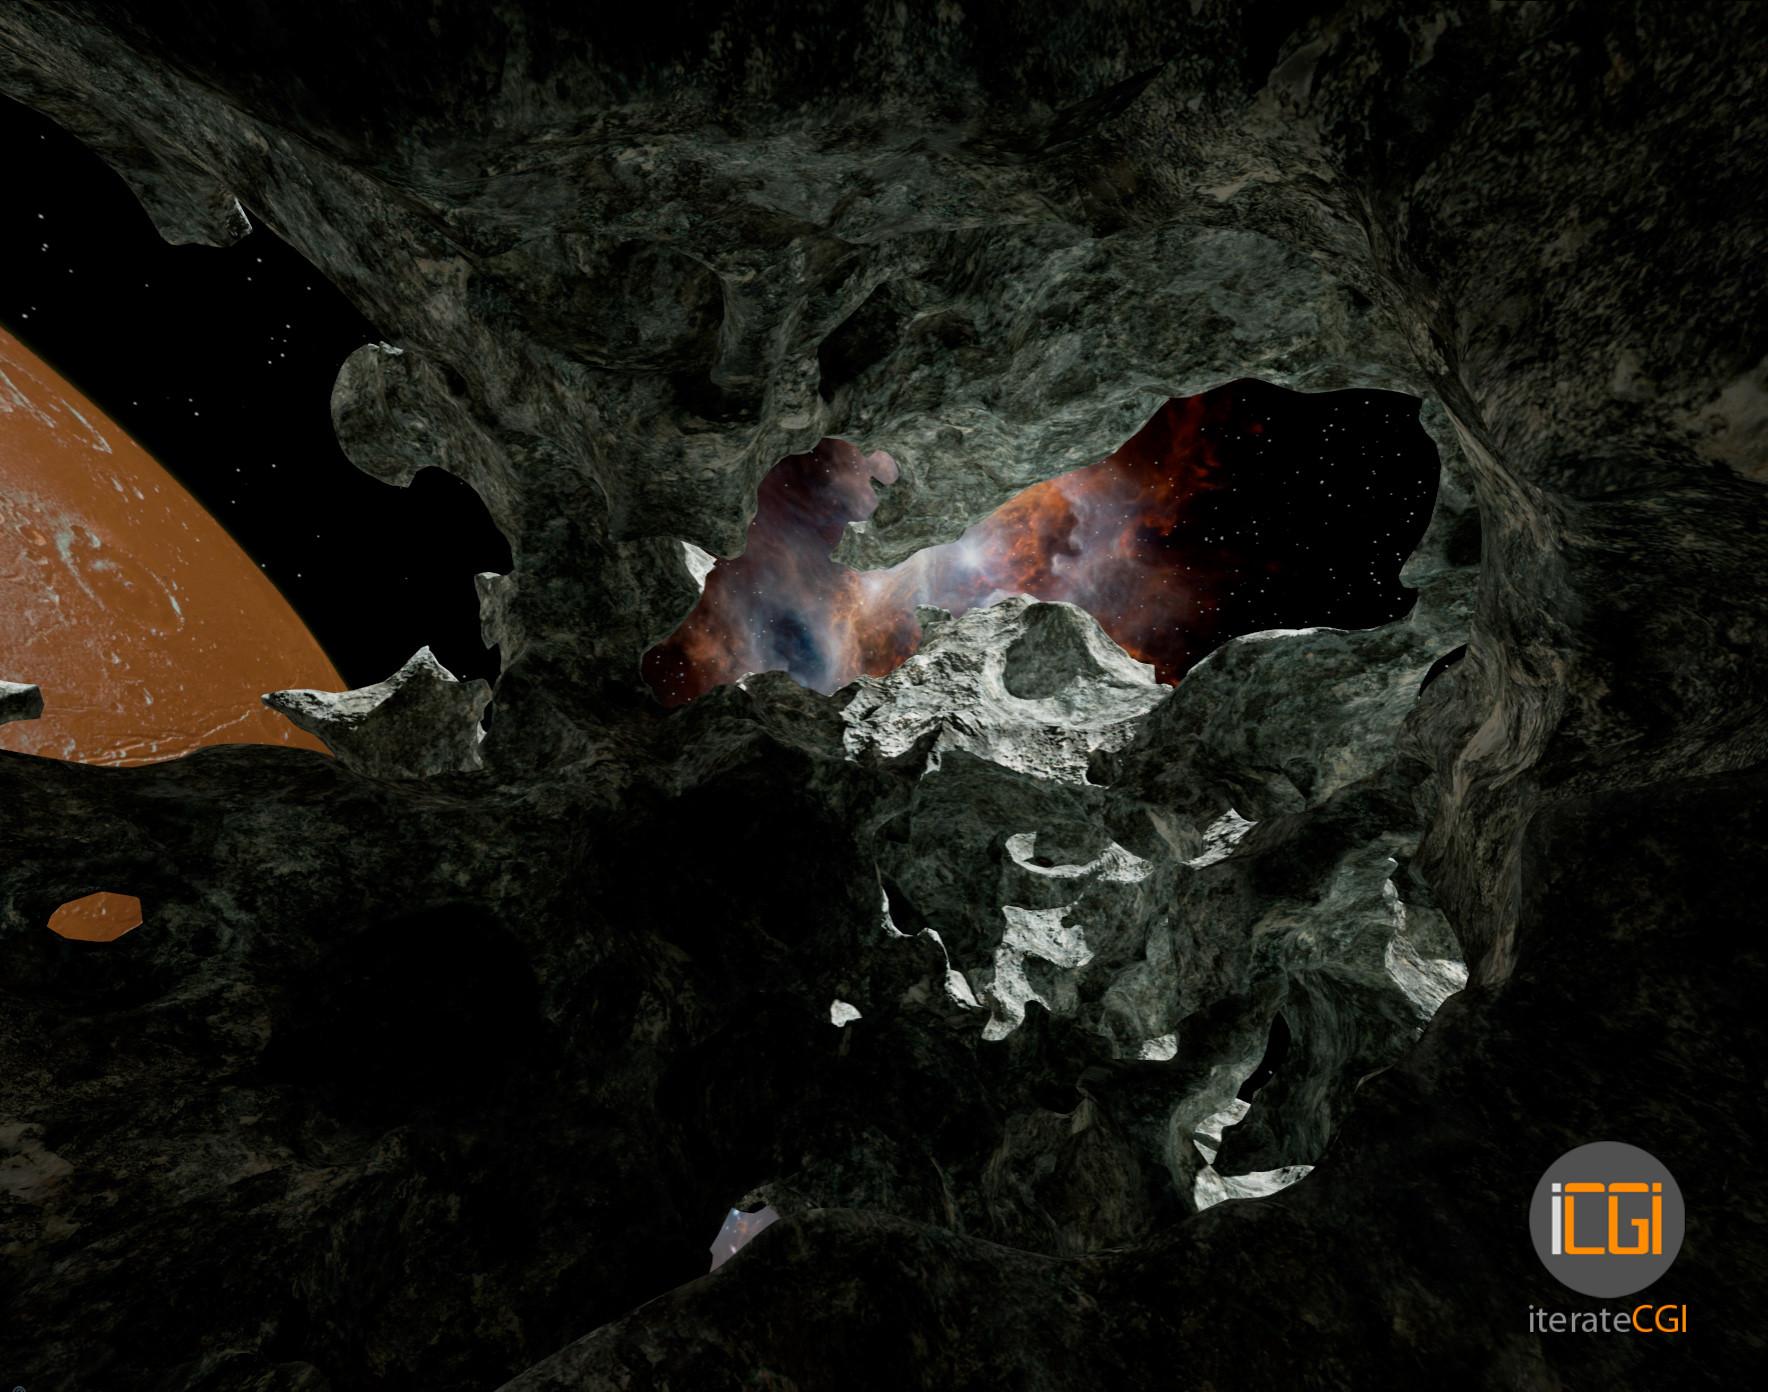 Johan de leenheer 3d asteroid game model 5